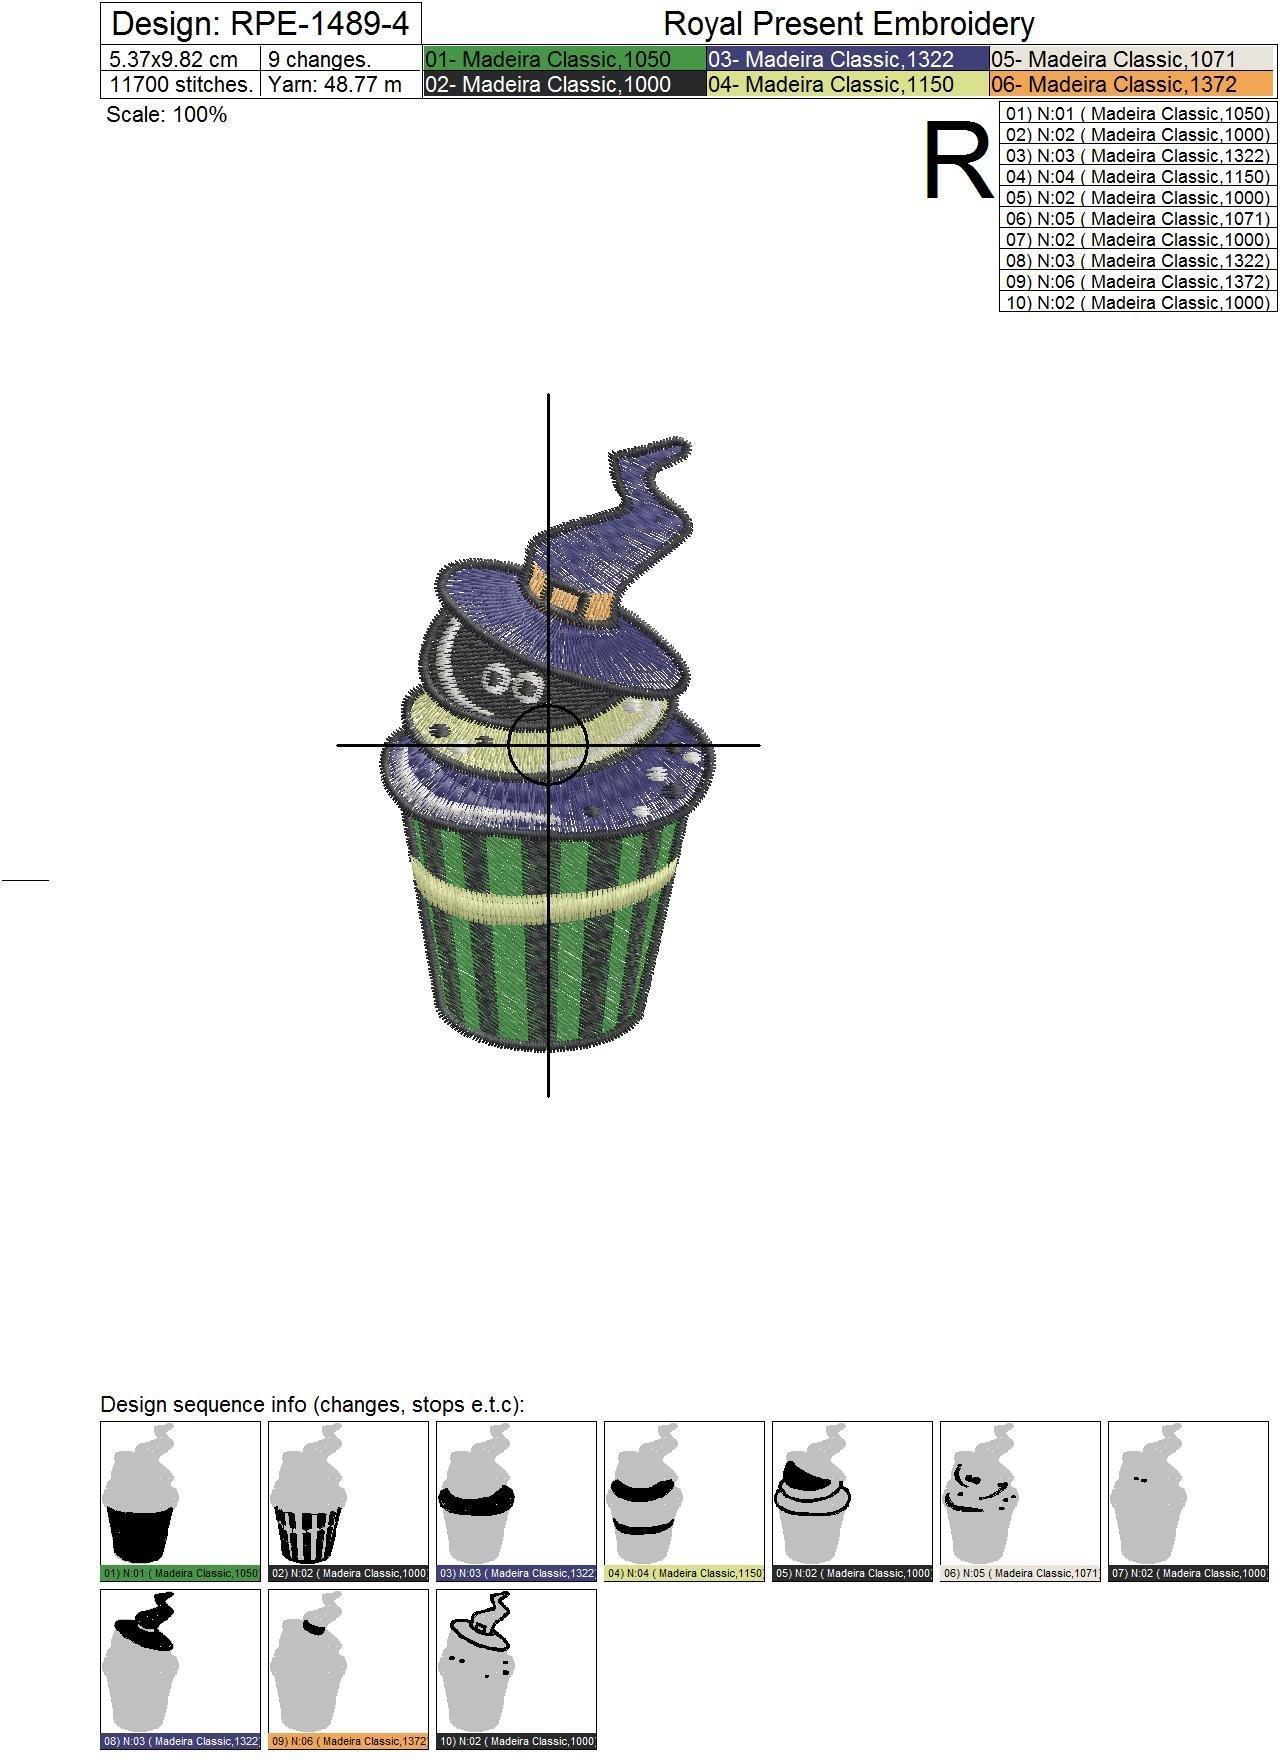 Дизайн машинной вышивки Кекс на Хэллоуин - 3 размера